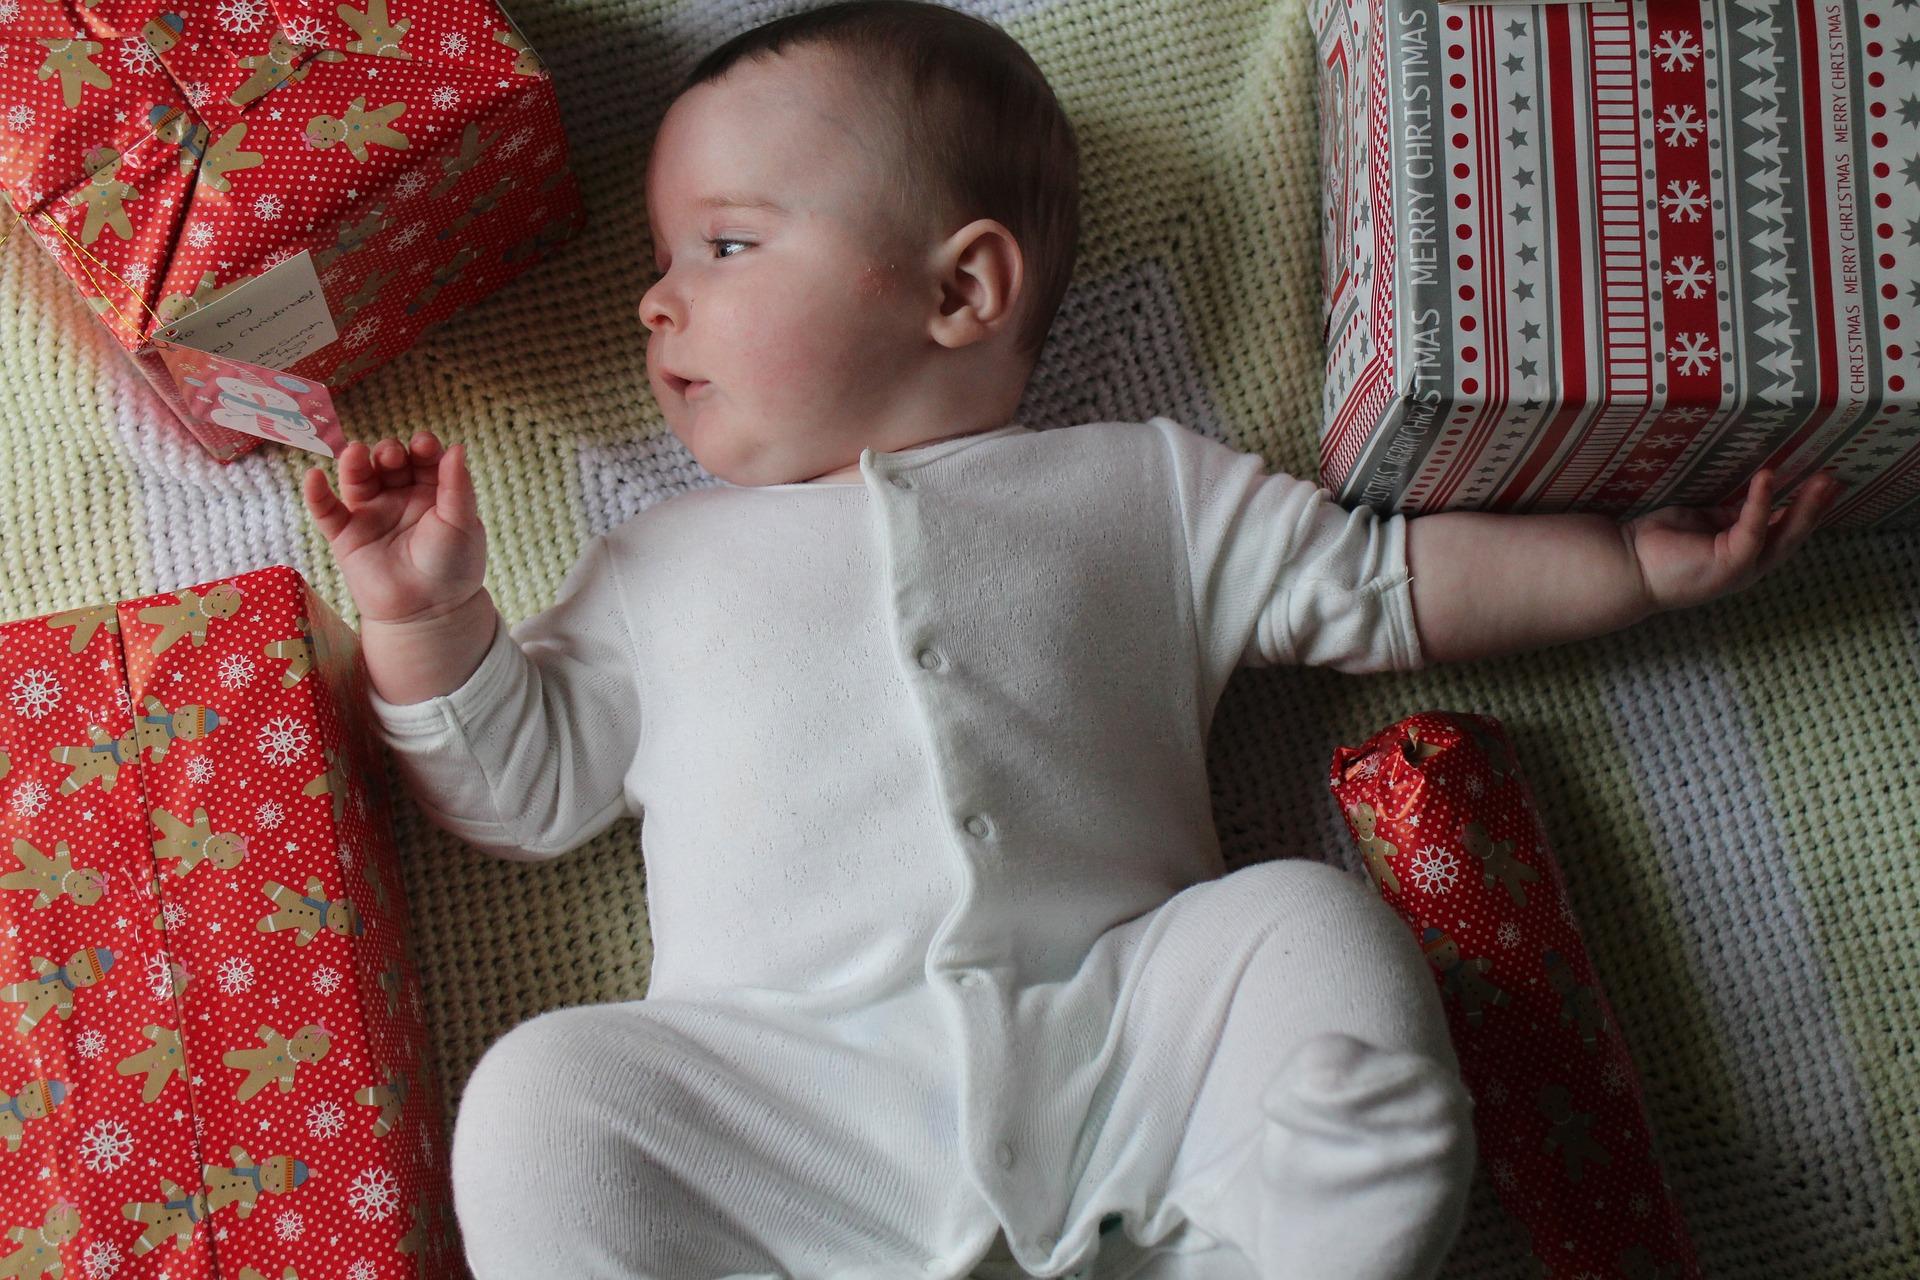 0歳の赤ちゃんにおすすめのクリスマスプレゼントは?月齢別の選び方と人気商品!